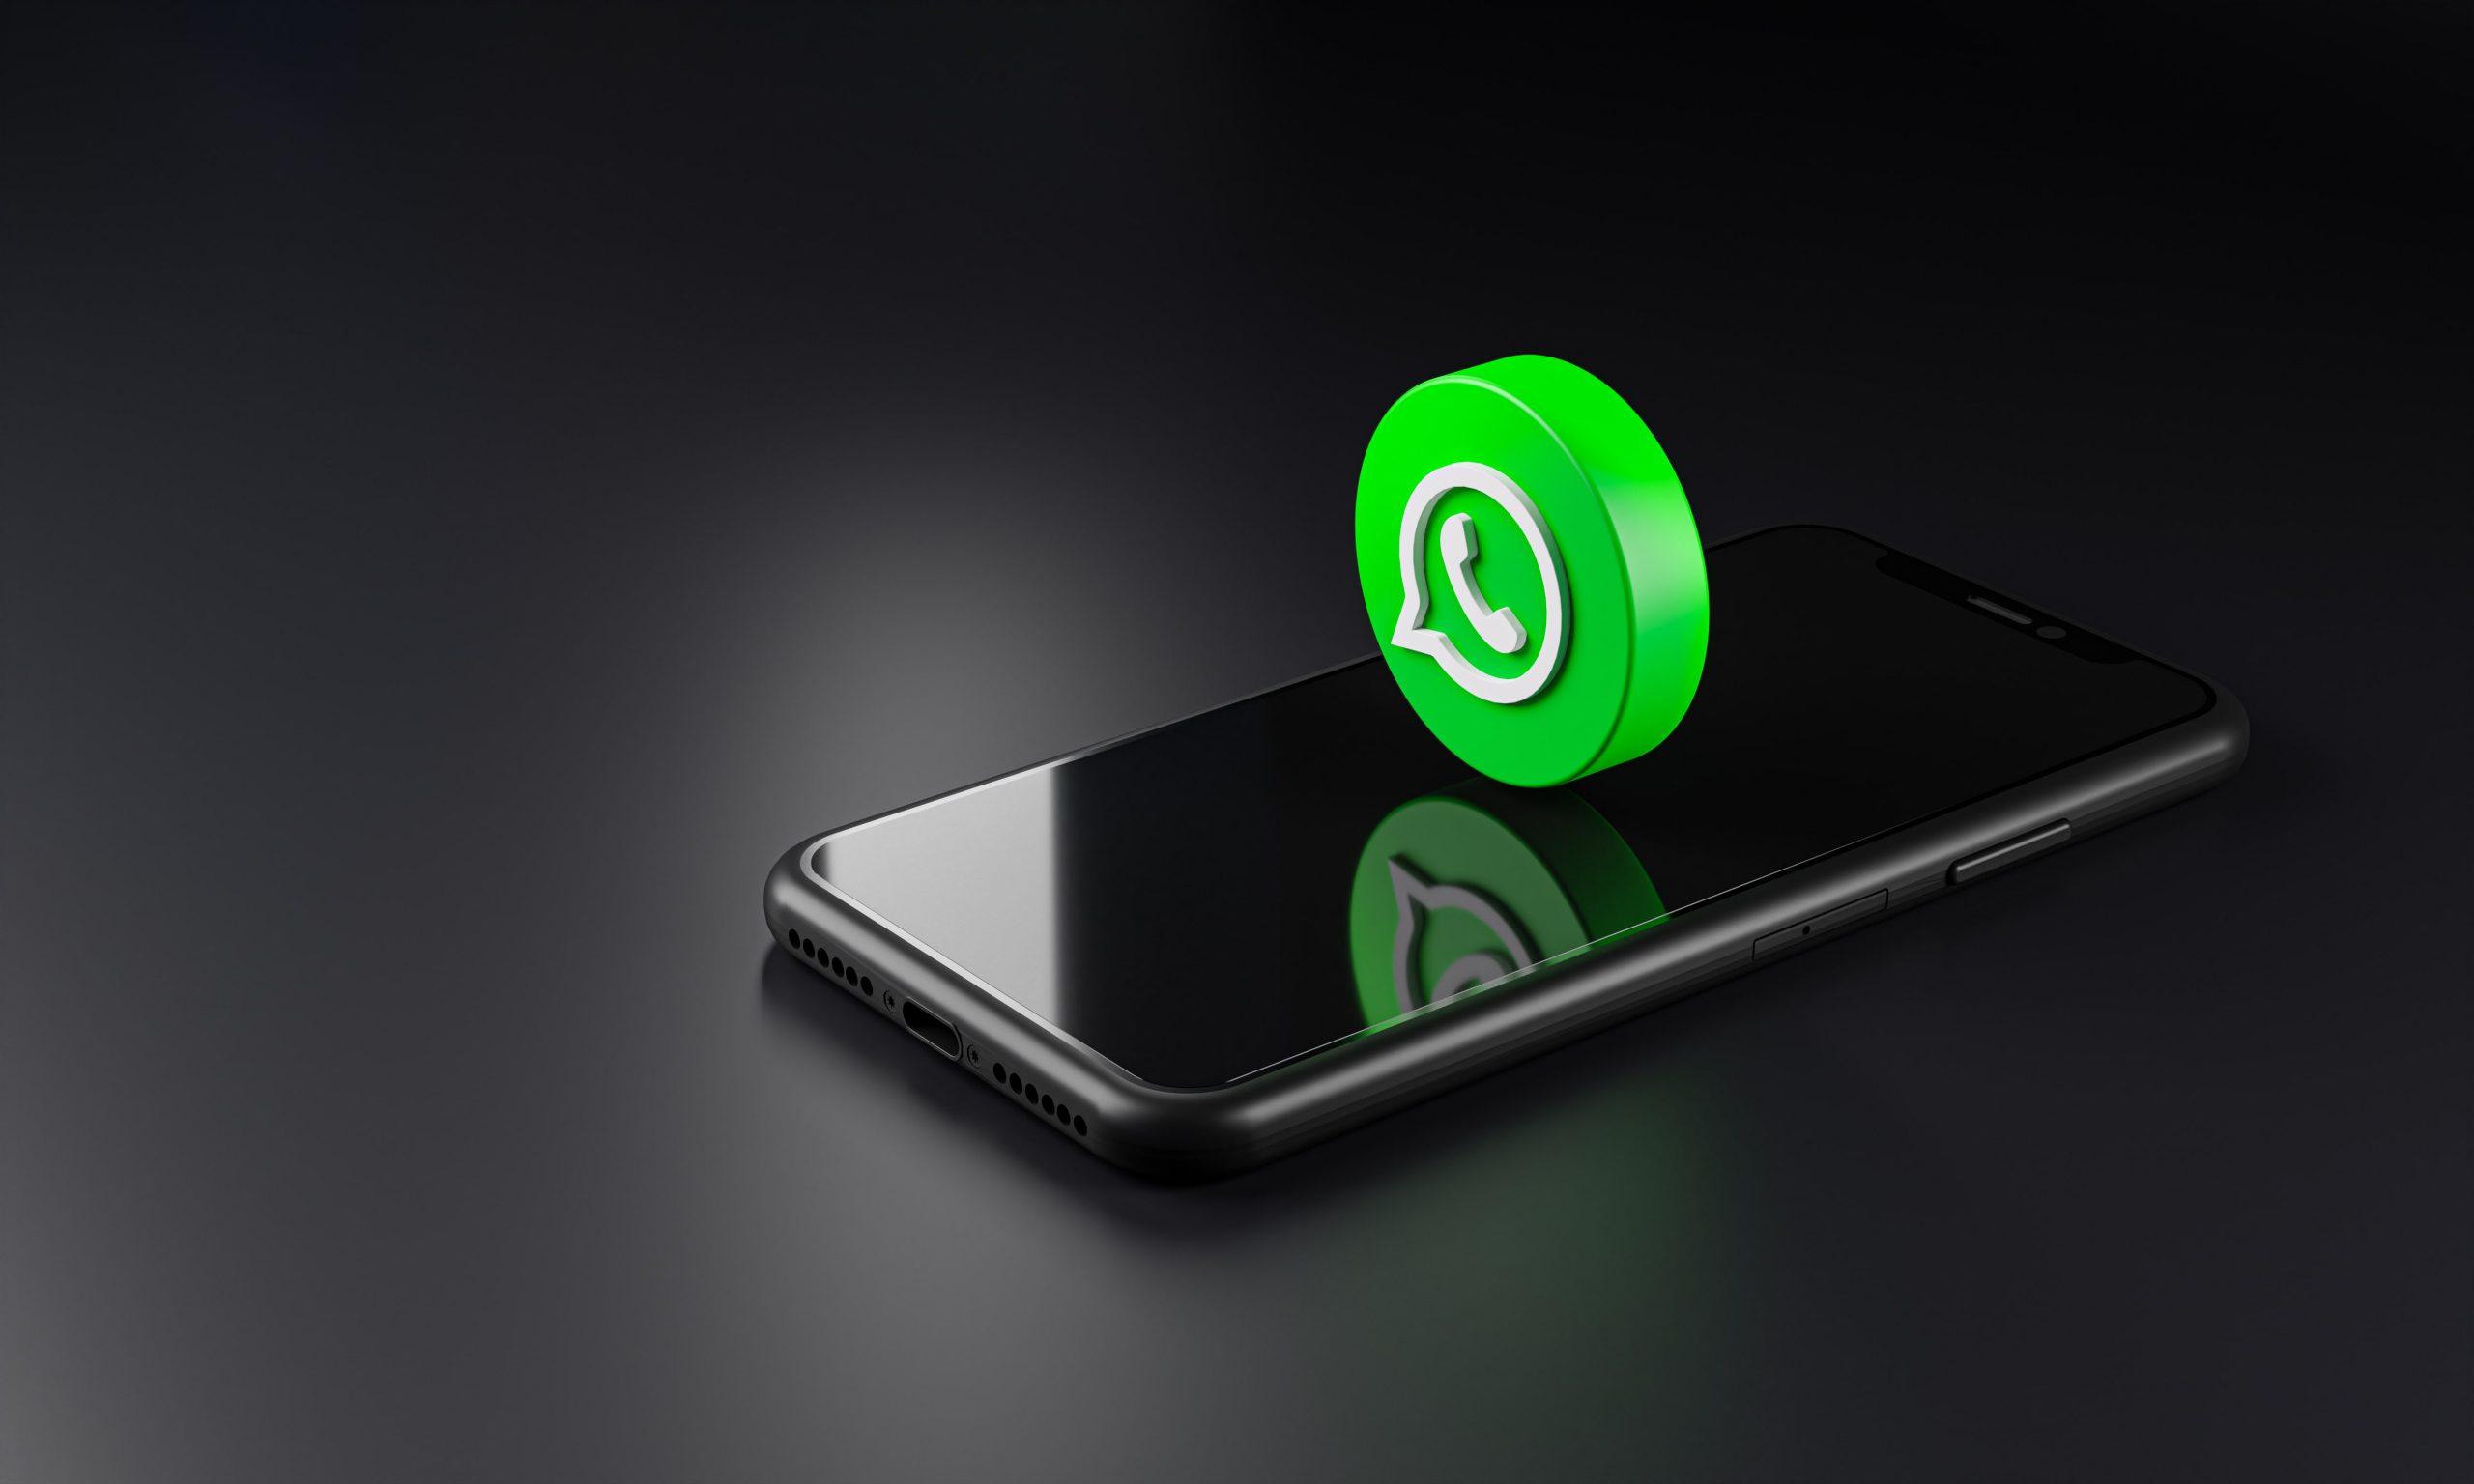 como usar app para espionar celular